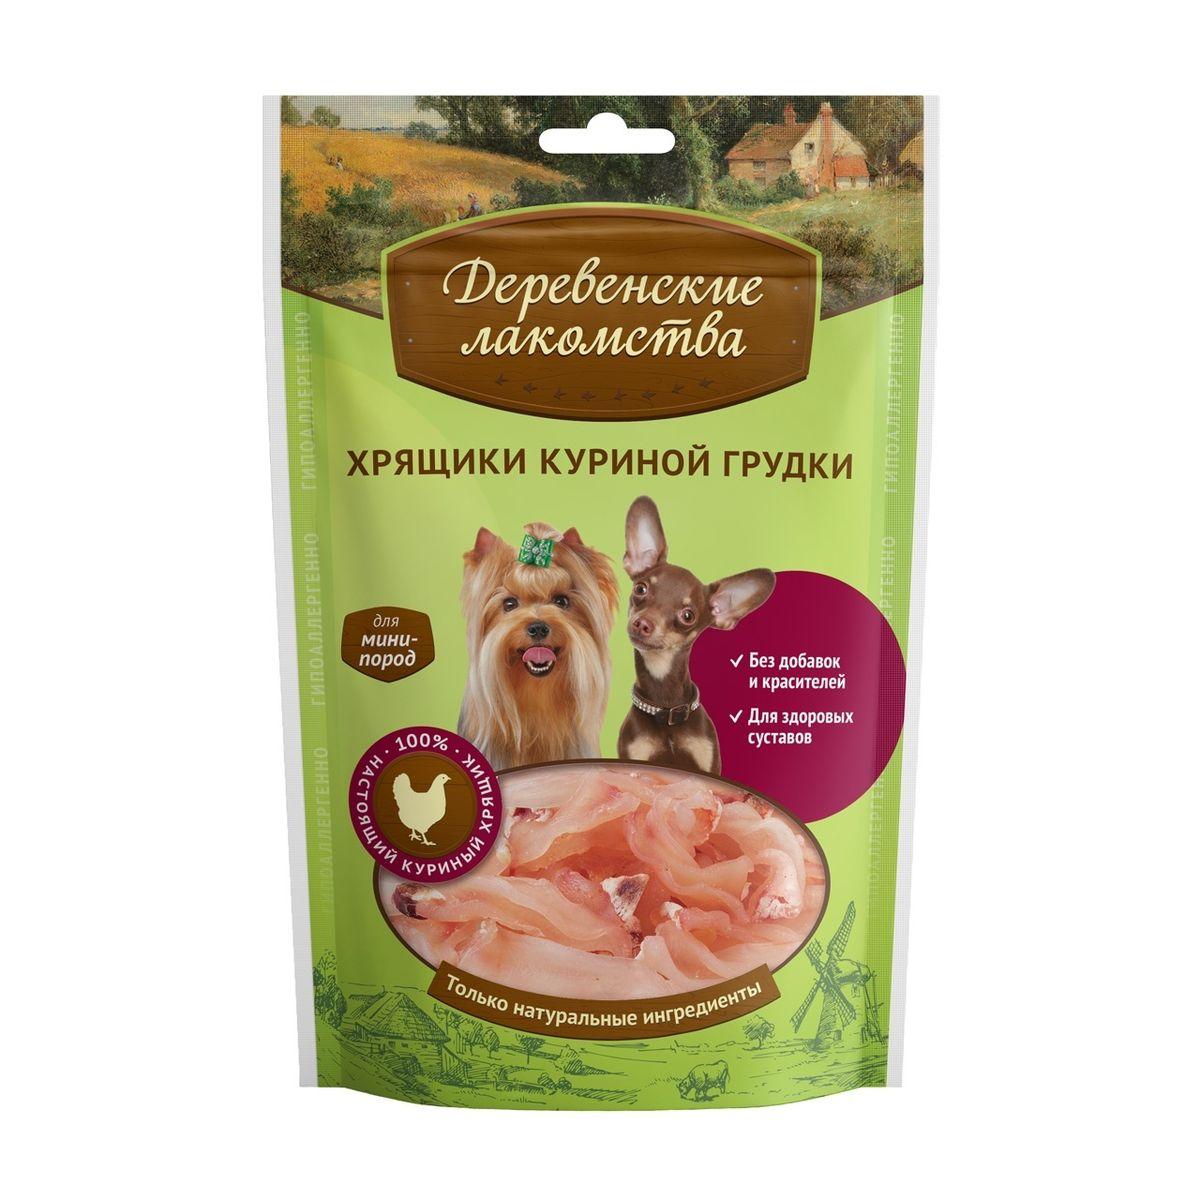 Лакомство Деревенские лакомства для собак мини-пород, хрящики куриной грудки, 30 г60107Эксклюзивное, не имеющее аналогов на рынке, угощение для собак с большим количеством витаминов и минералов, которые так необходимы для крепких суставов.Состав: хрящ куриный.Гарантированные показатели на 100 г продукта:белок — 45,0 г,жир — 1,5 г,влага — 20,0 г,клетчатка — 0,2 г,зола — 3,5 г.Энергетическая ценность в 100 г продукта: 345,0 ккал.Товар сертифицирован. Тайная жизнь домашних животных: чем занять собаку, пока вы на работе. Статья OZON Гид